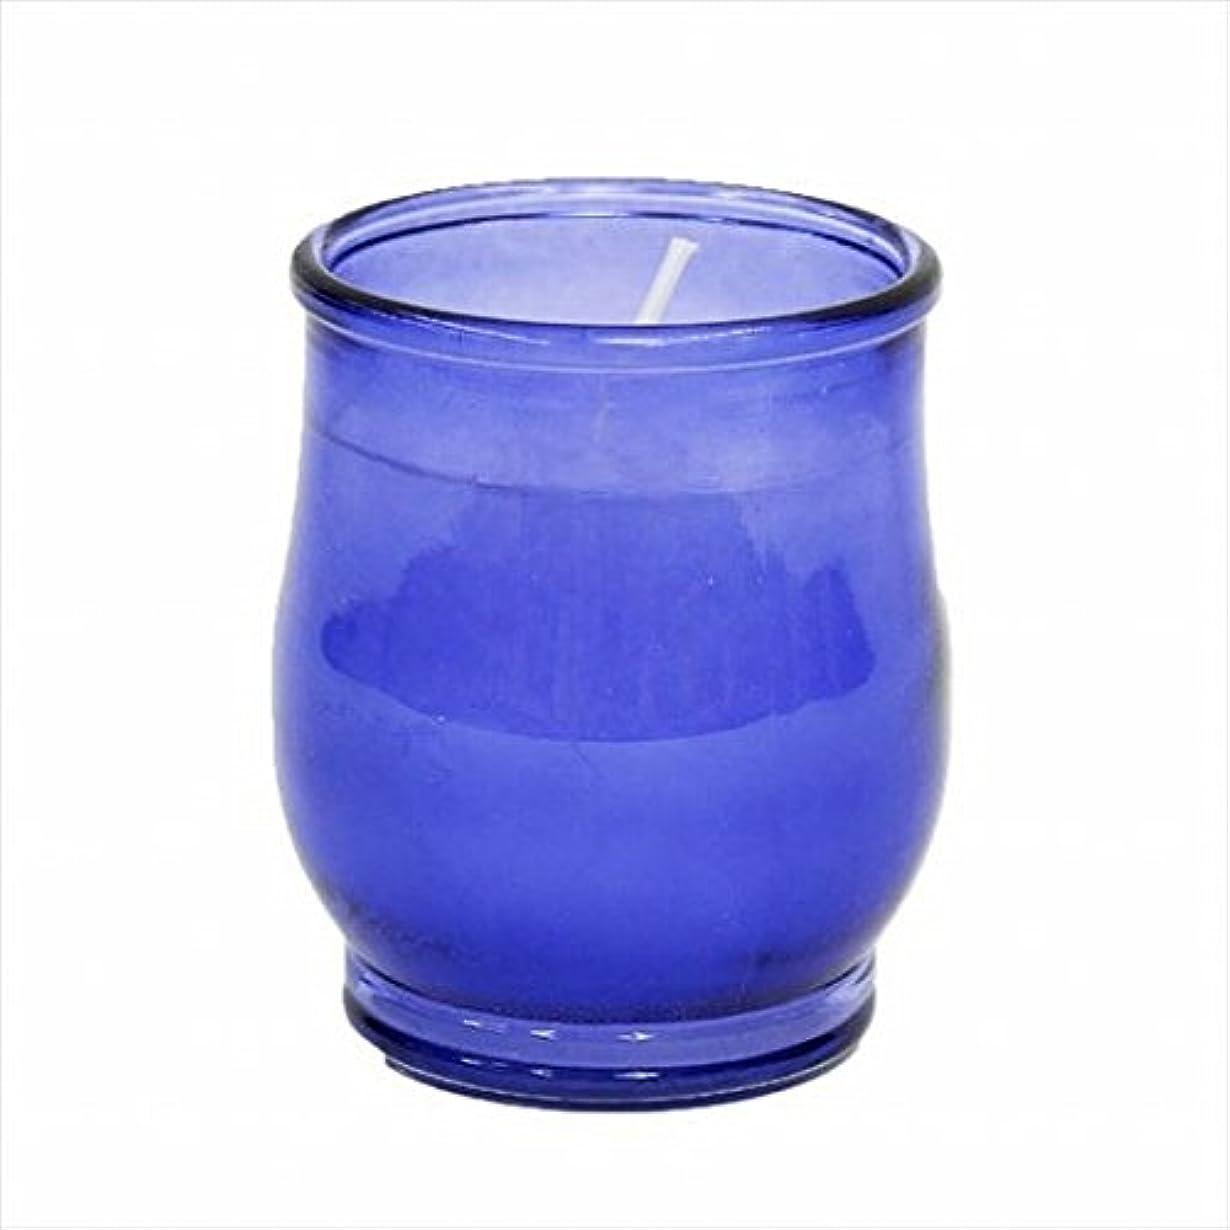 マーチャンダイジング同行する情報カメヤマキャンドル(kameyama candle) ポシェ(非常用コップローソク) 「 ブルー(ライトカラー) 」